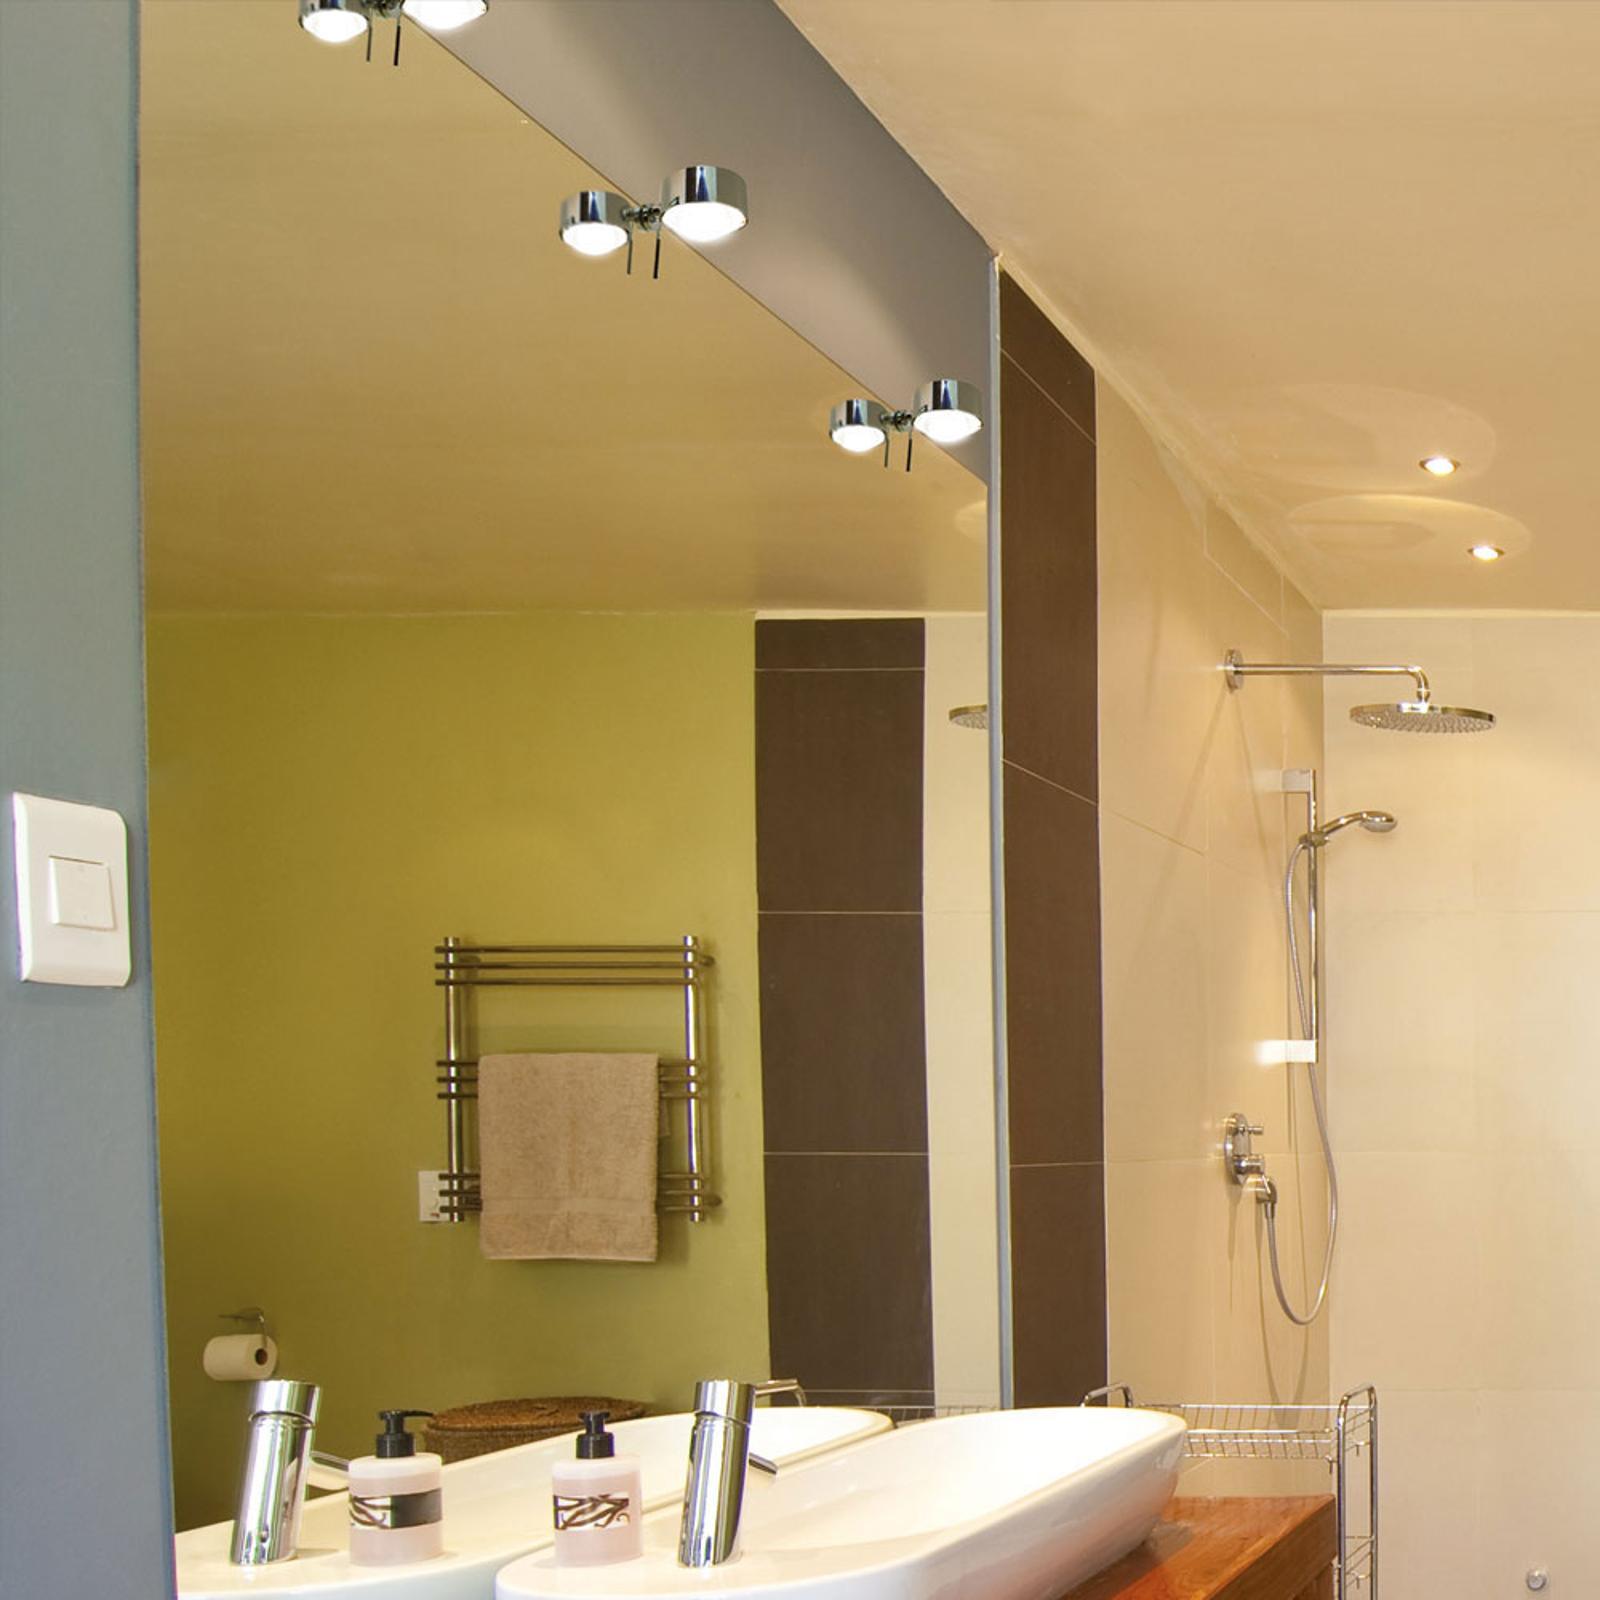 Lampada LED pinza specchio Puk Fix+, cromo